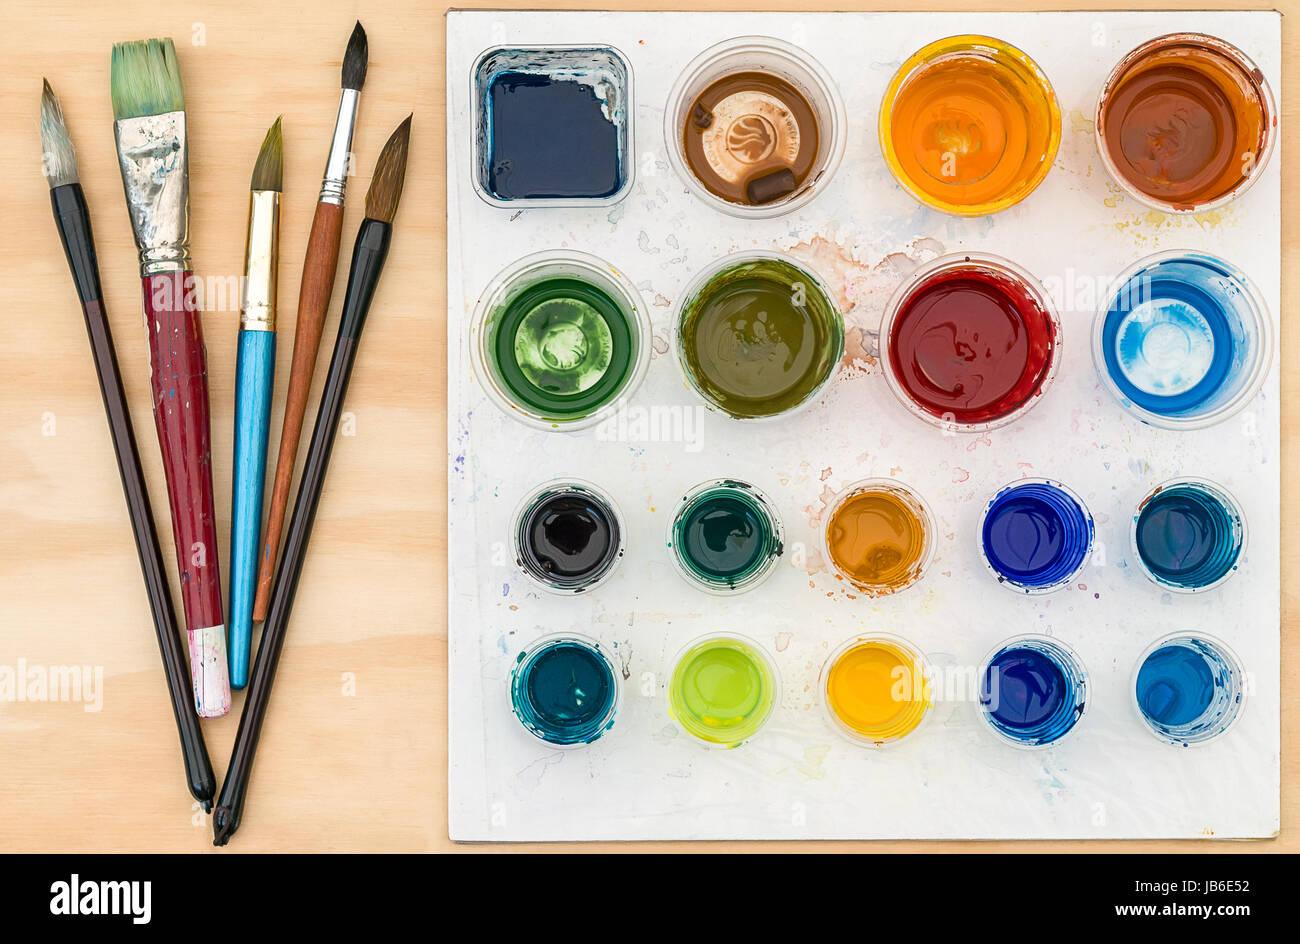 Colori Vernici Legno : Artista pennelli e la tavolozza dei colori con vernice acrilica su